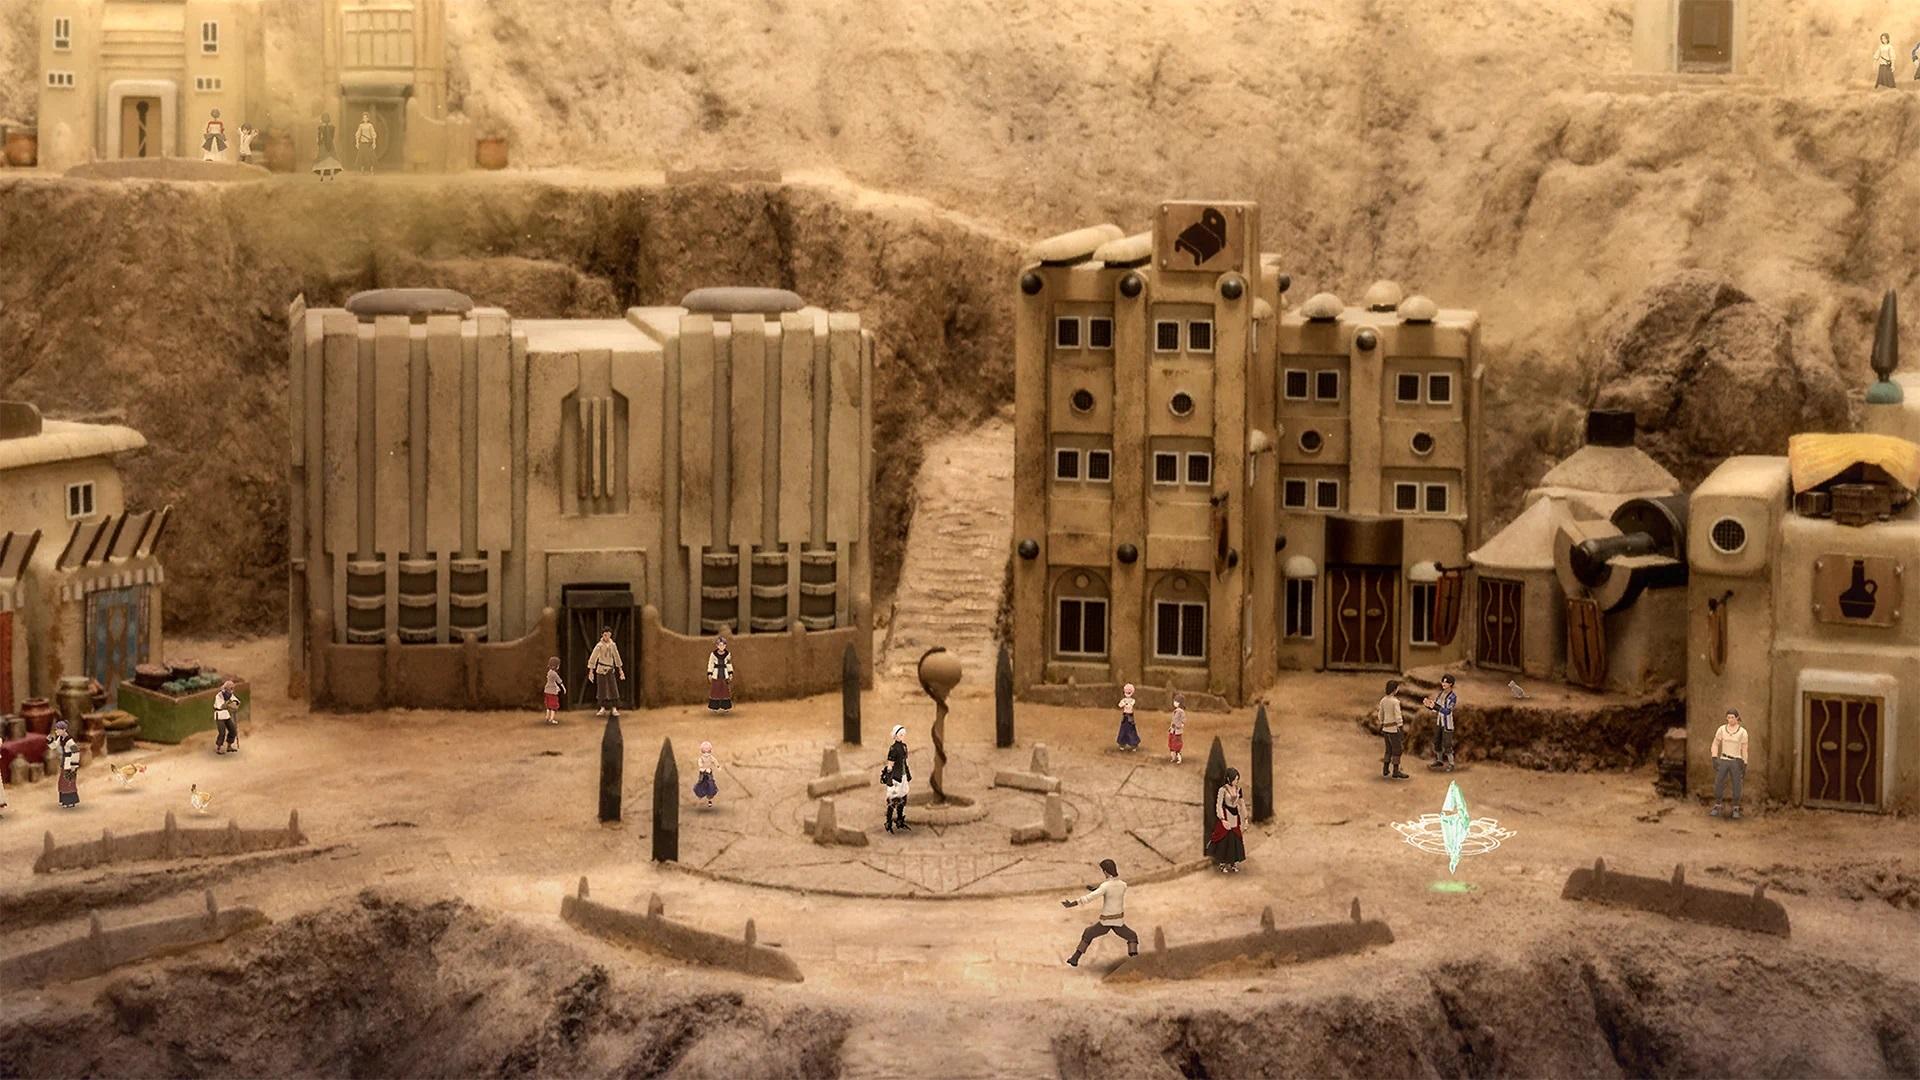 A Desert City in Fantasian